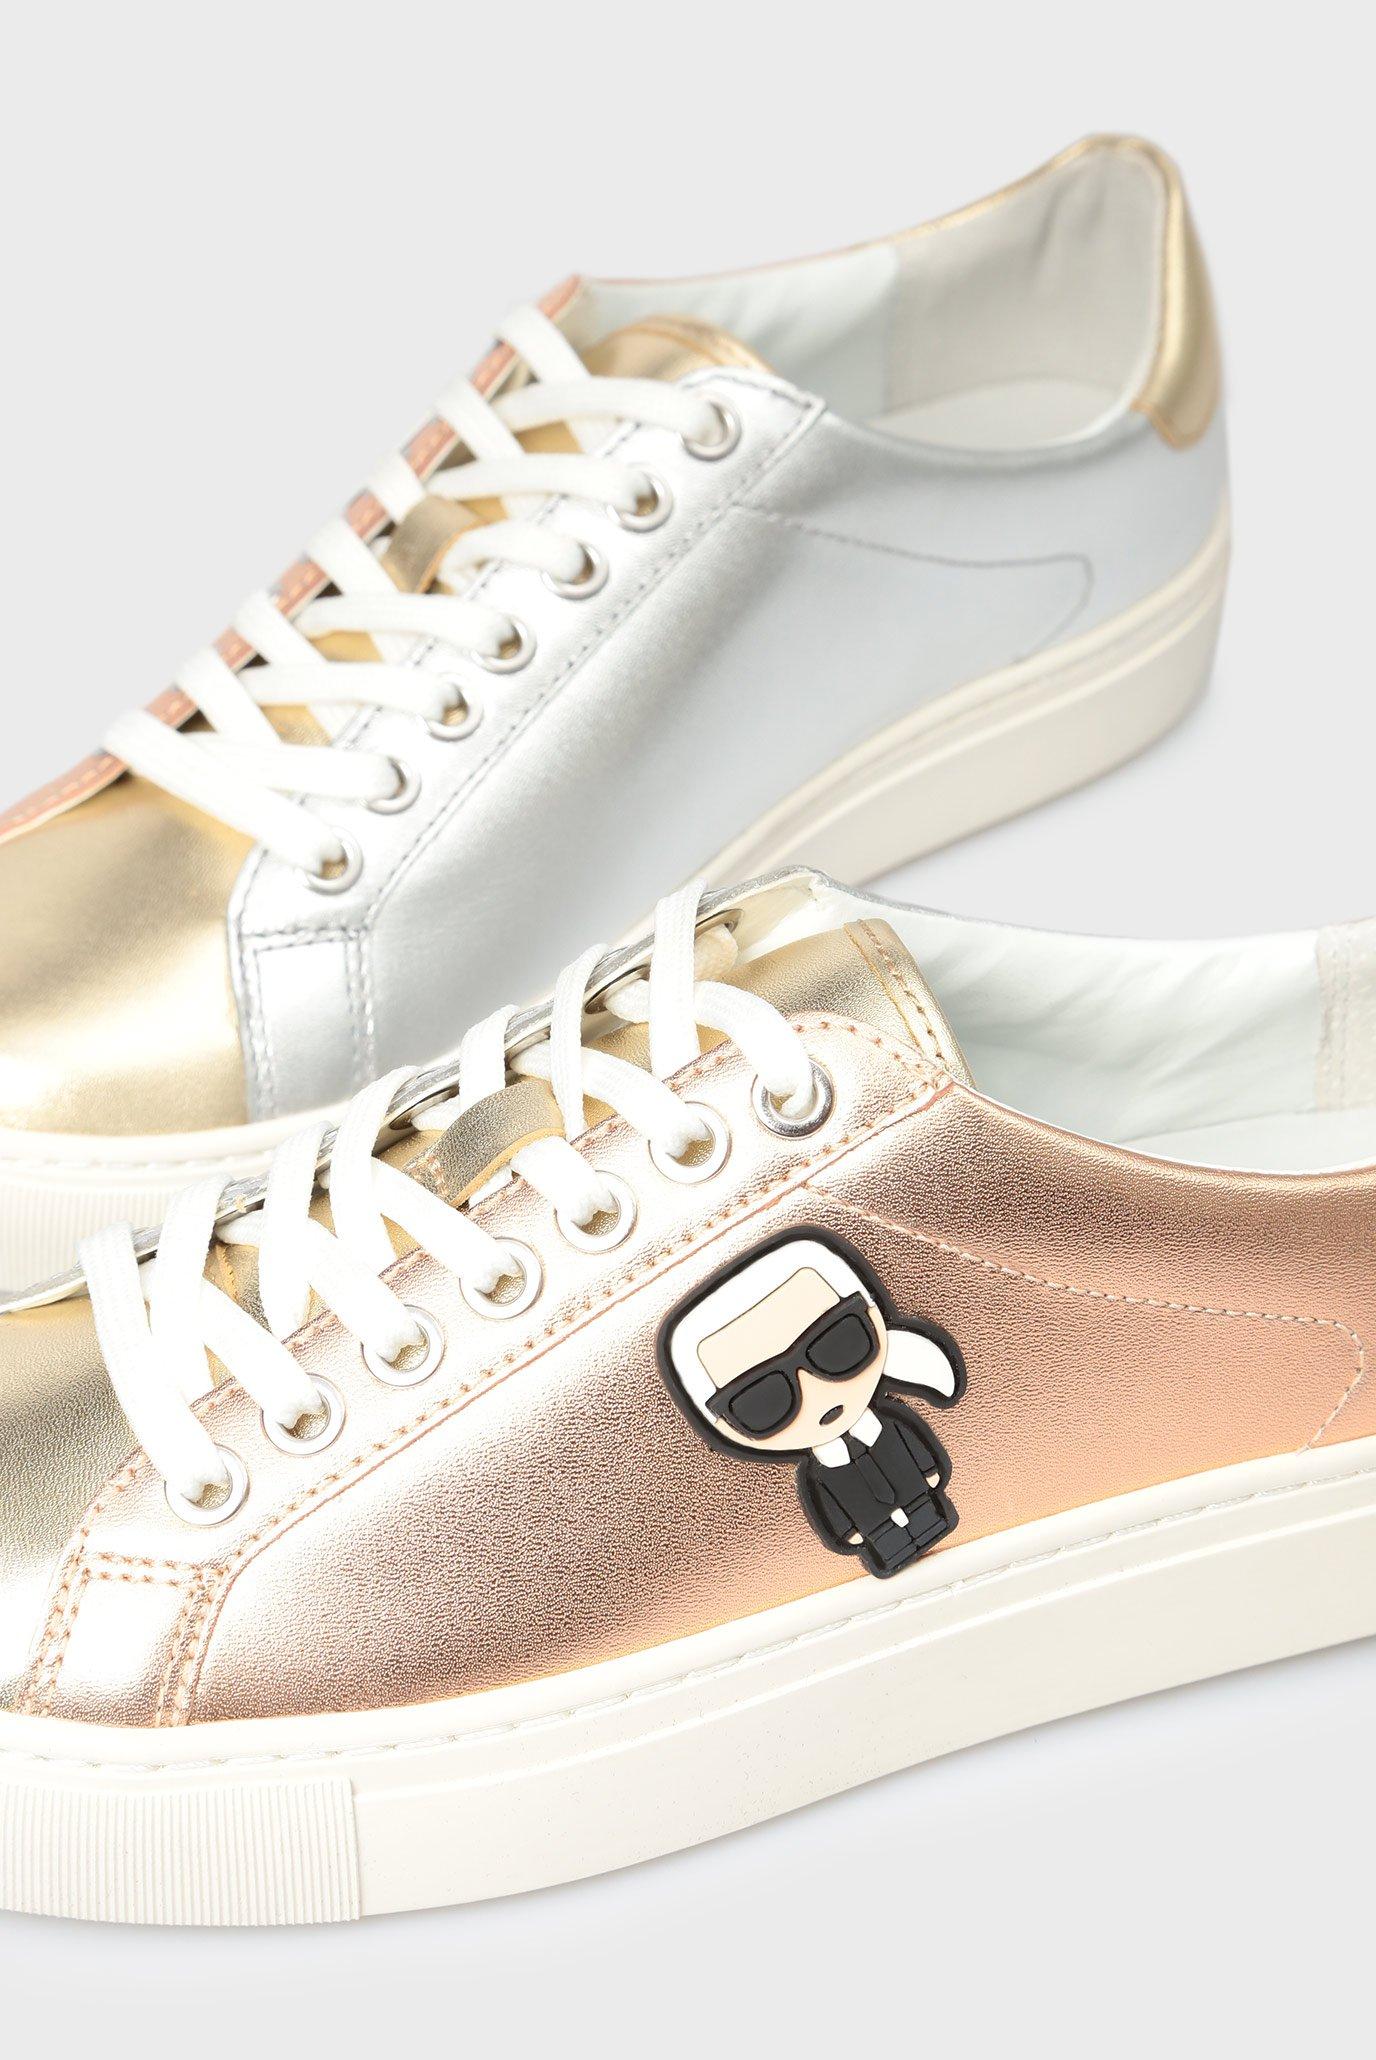 Купить Женские золотистые кожаные сникеры Karl Lagerfeld Karl Lagerfeld KL61033 – Киев, Украина. Цены в интернет магазине MD Fashion